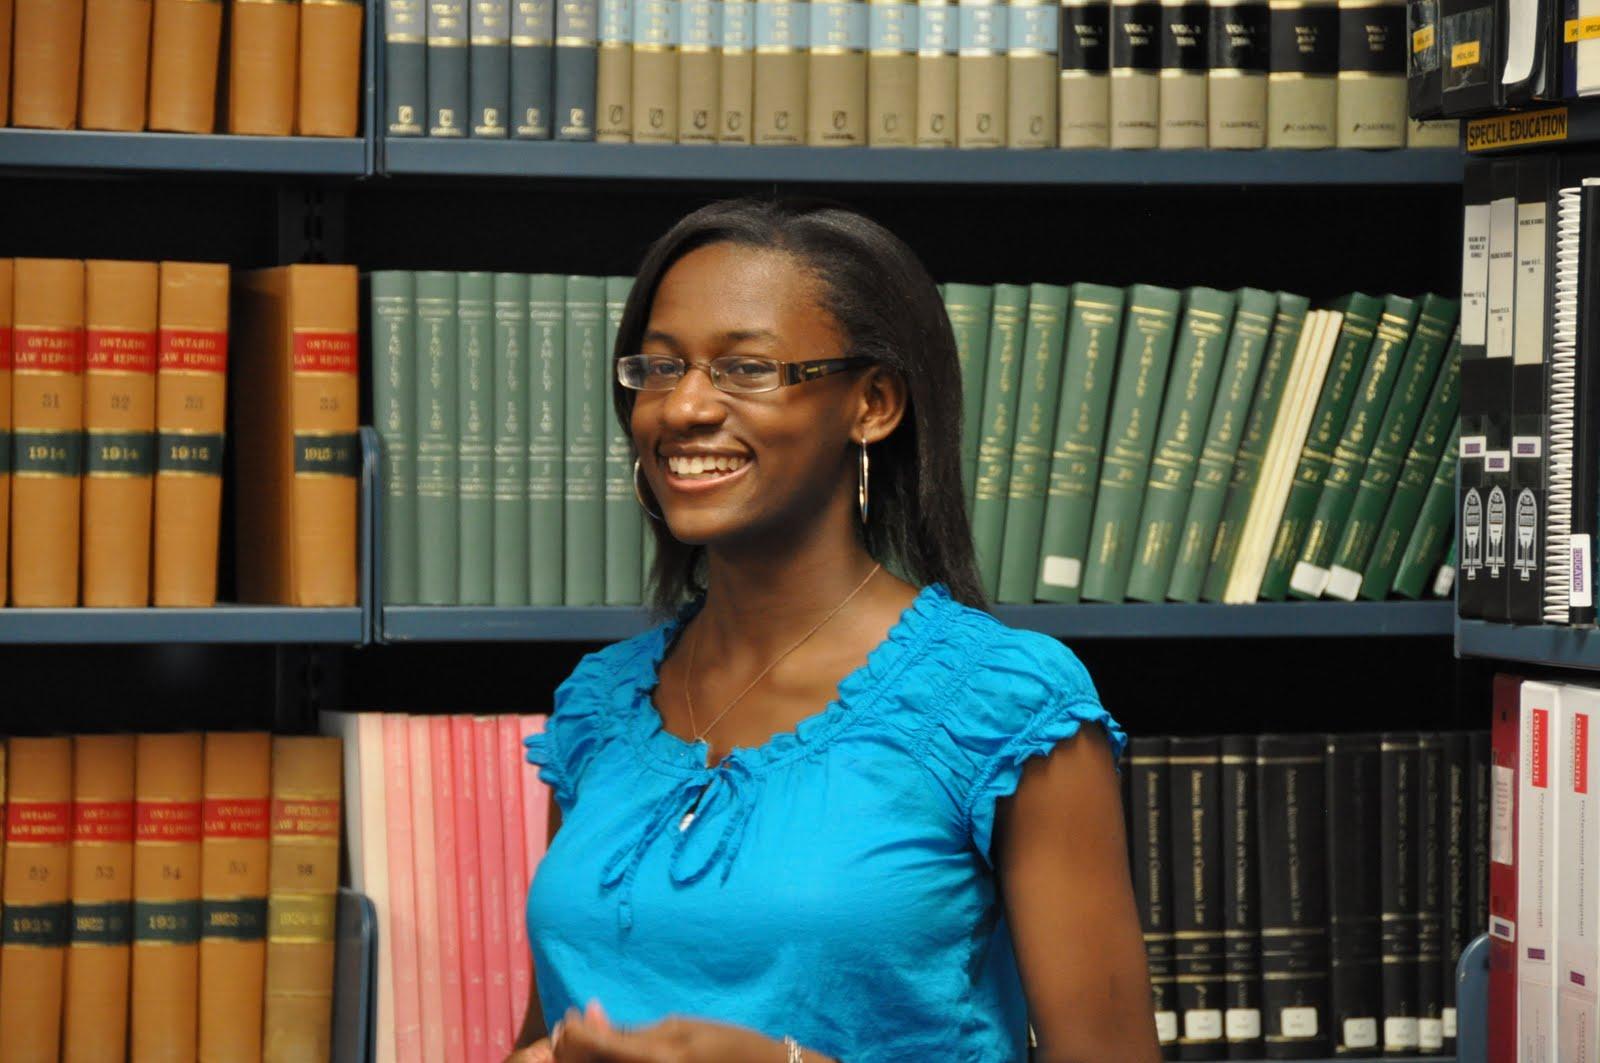 women empowerment essays like a modest quinceanera women empowerment essays like a modest quinceanera